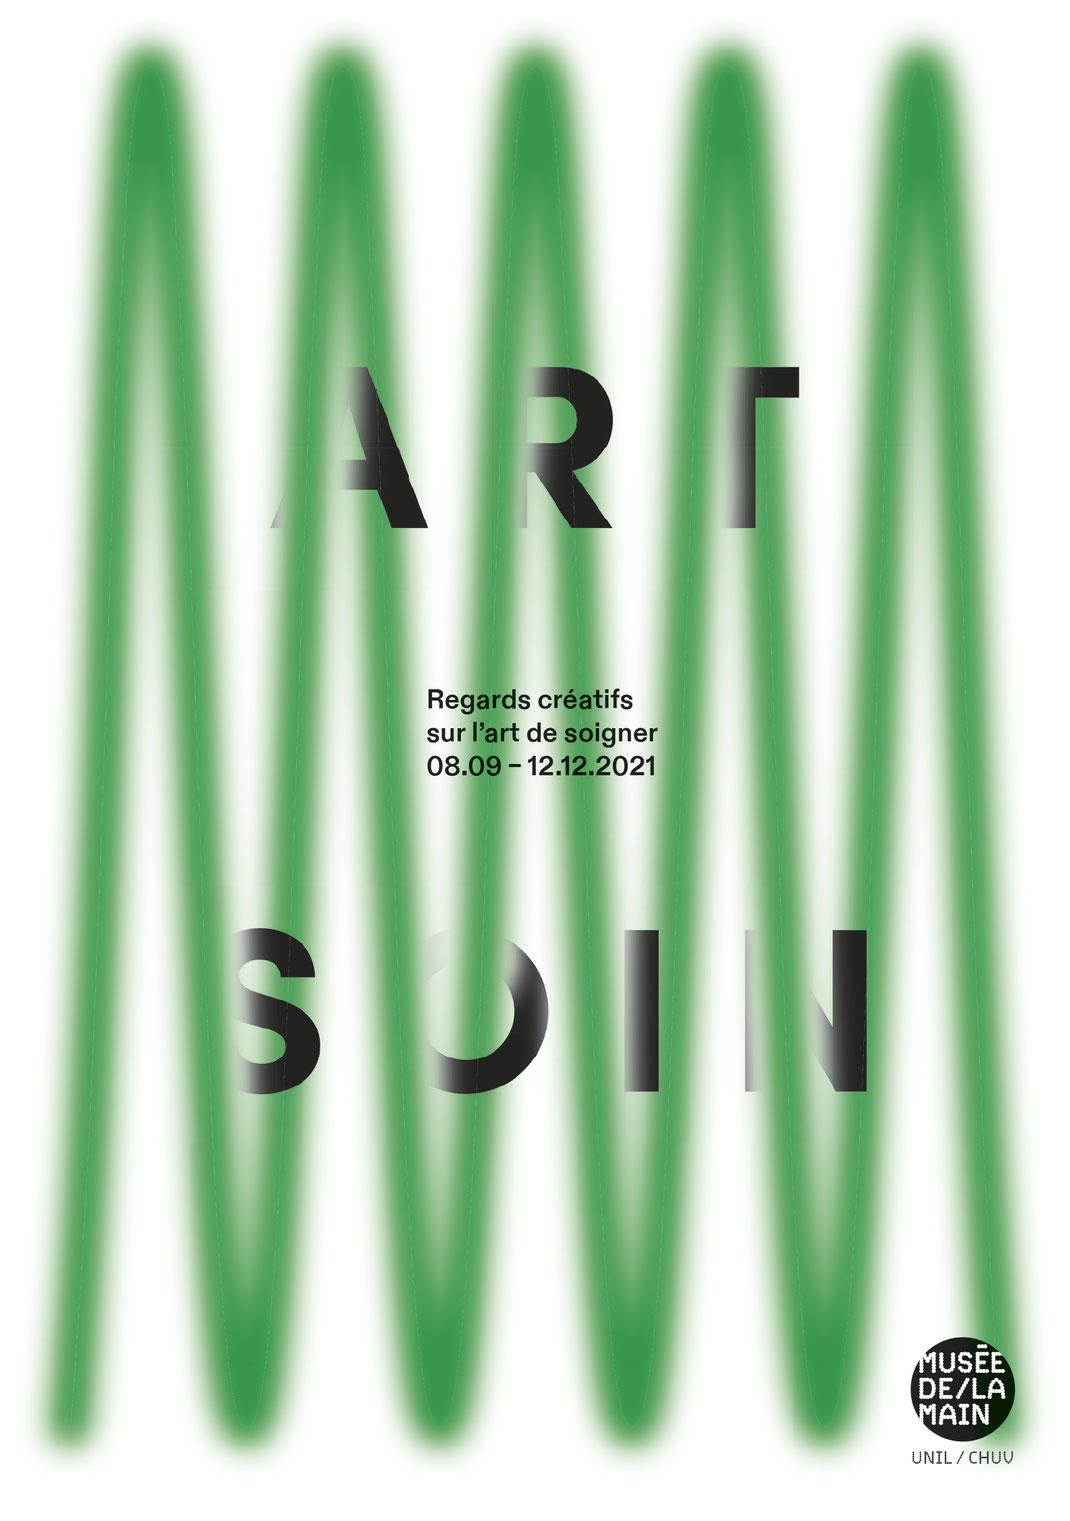 Musée-de-la-main-UNIL-CHUV-Lausanne-Exposition-ART-SOIN-Haute-Ecole-Santé-La-Source-HESAV